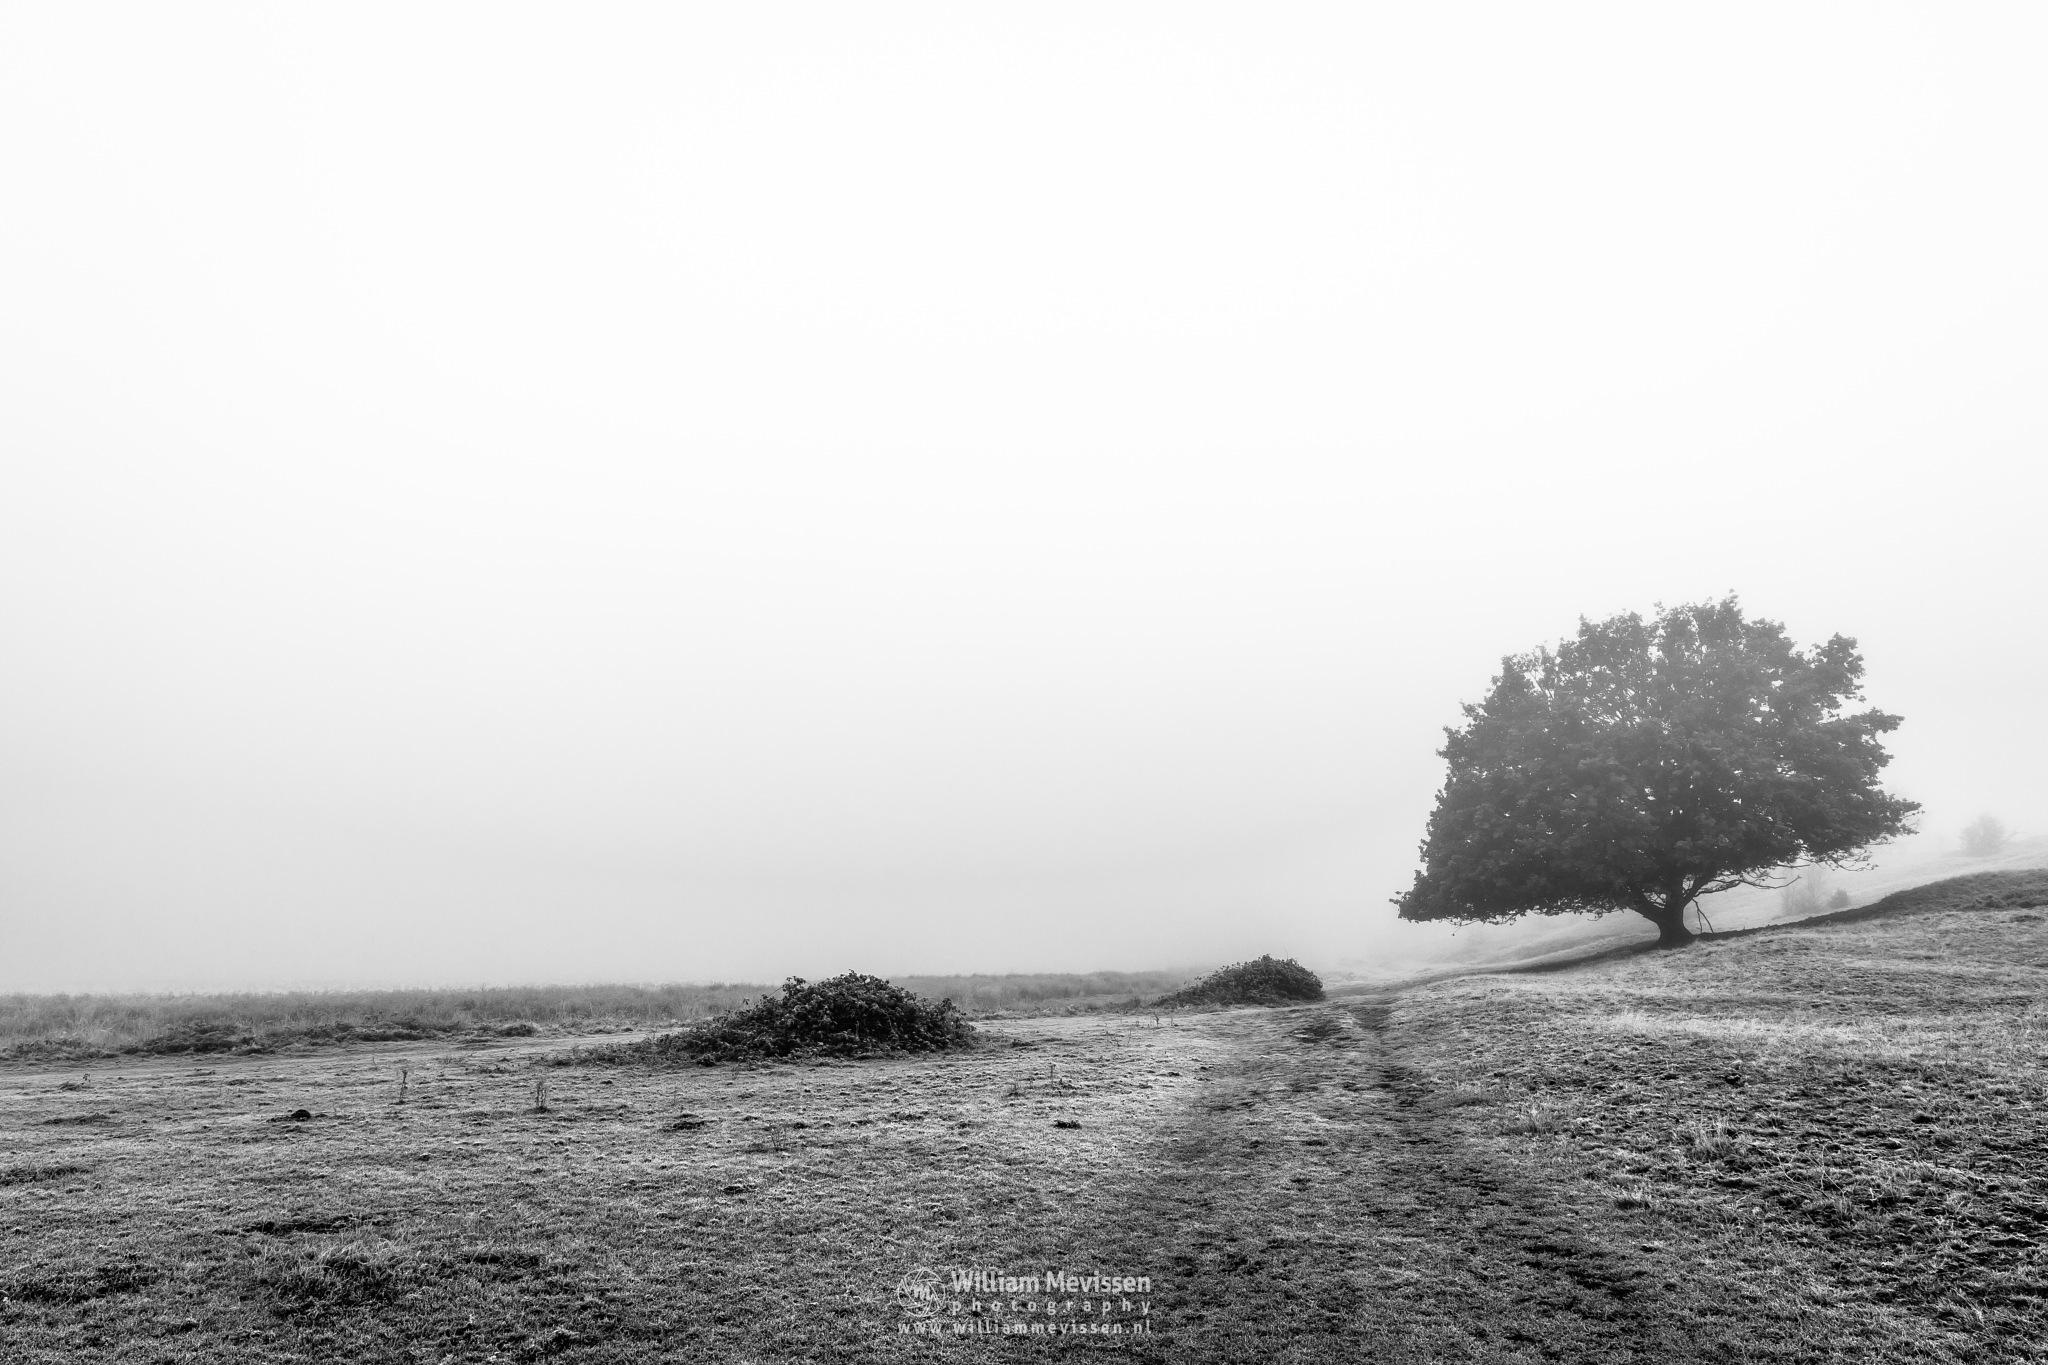 Driessenven In The Mist by William Mevissen